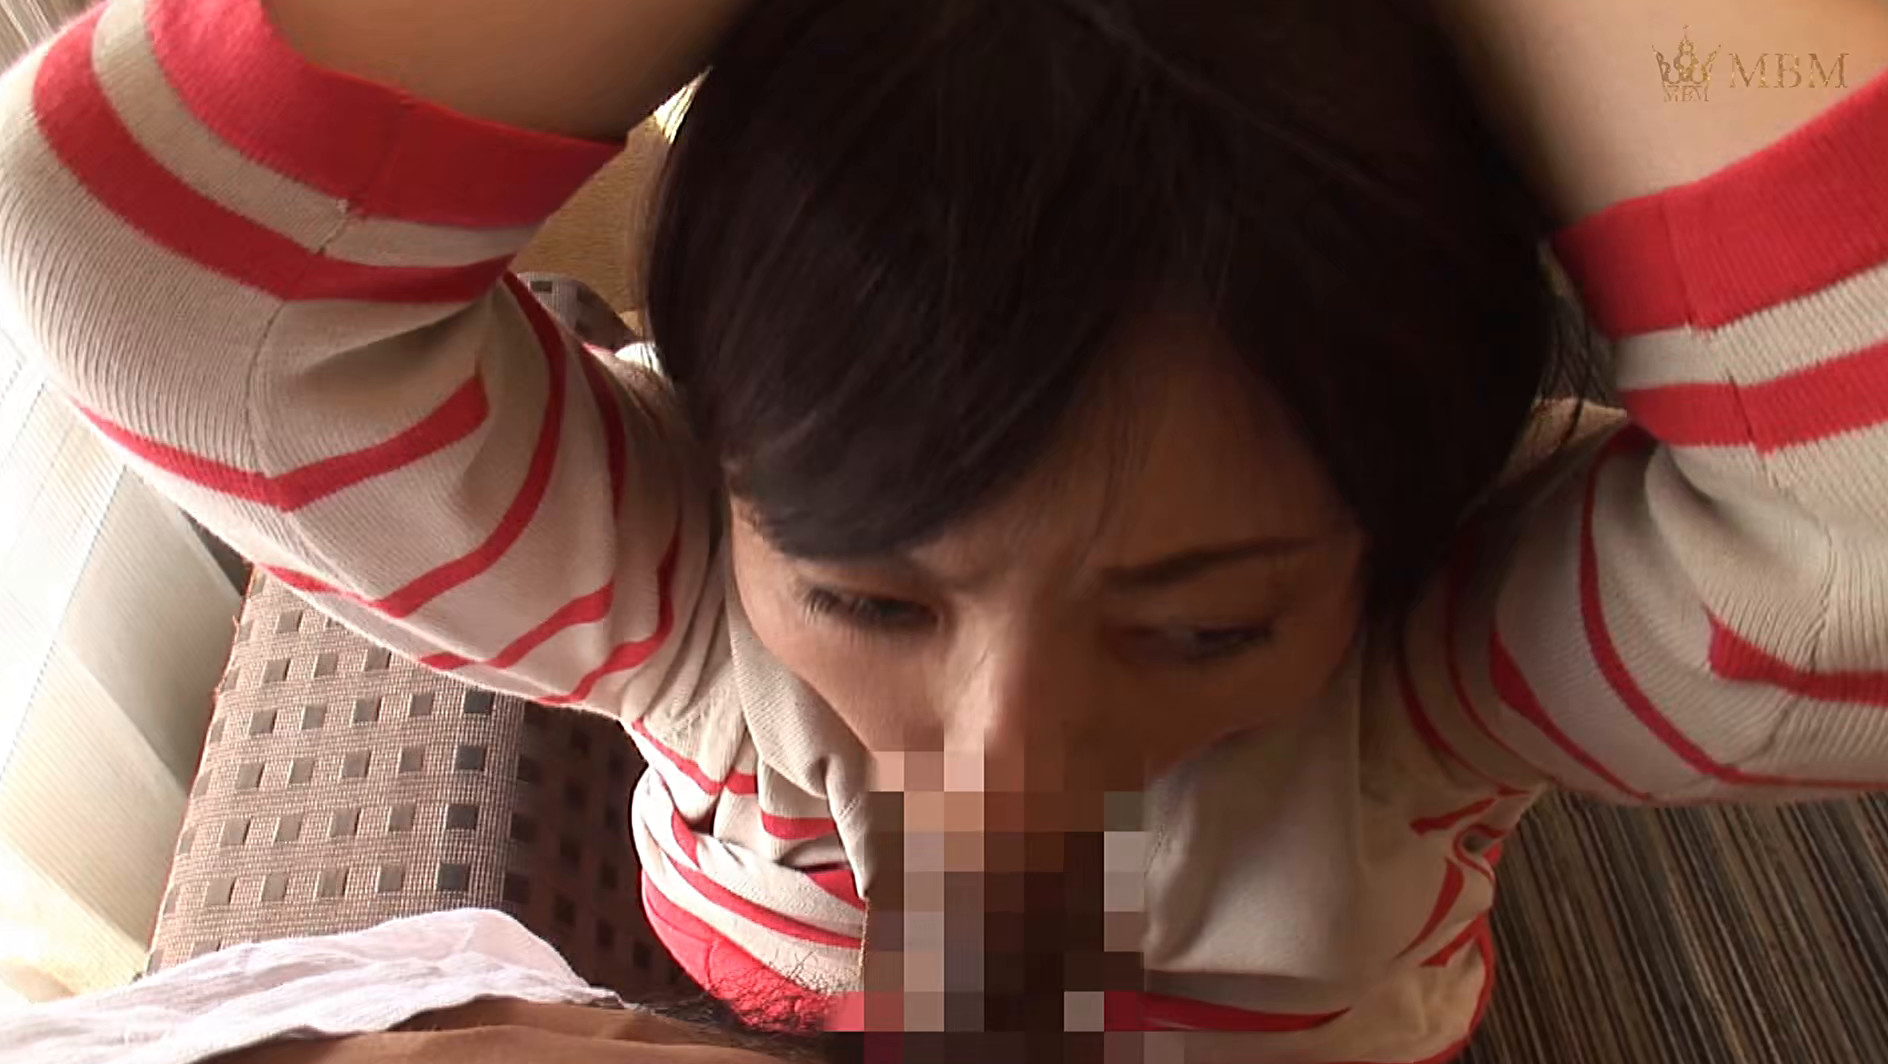 ラグジュアリーエロス 清楚で品良くセレブな熟女たち ナンパ中出し 36人8時間BEST 2 画像18